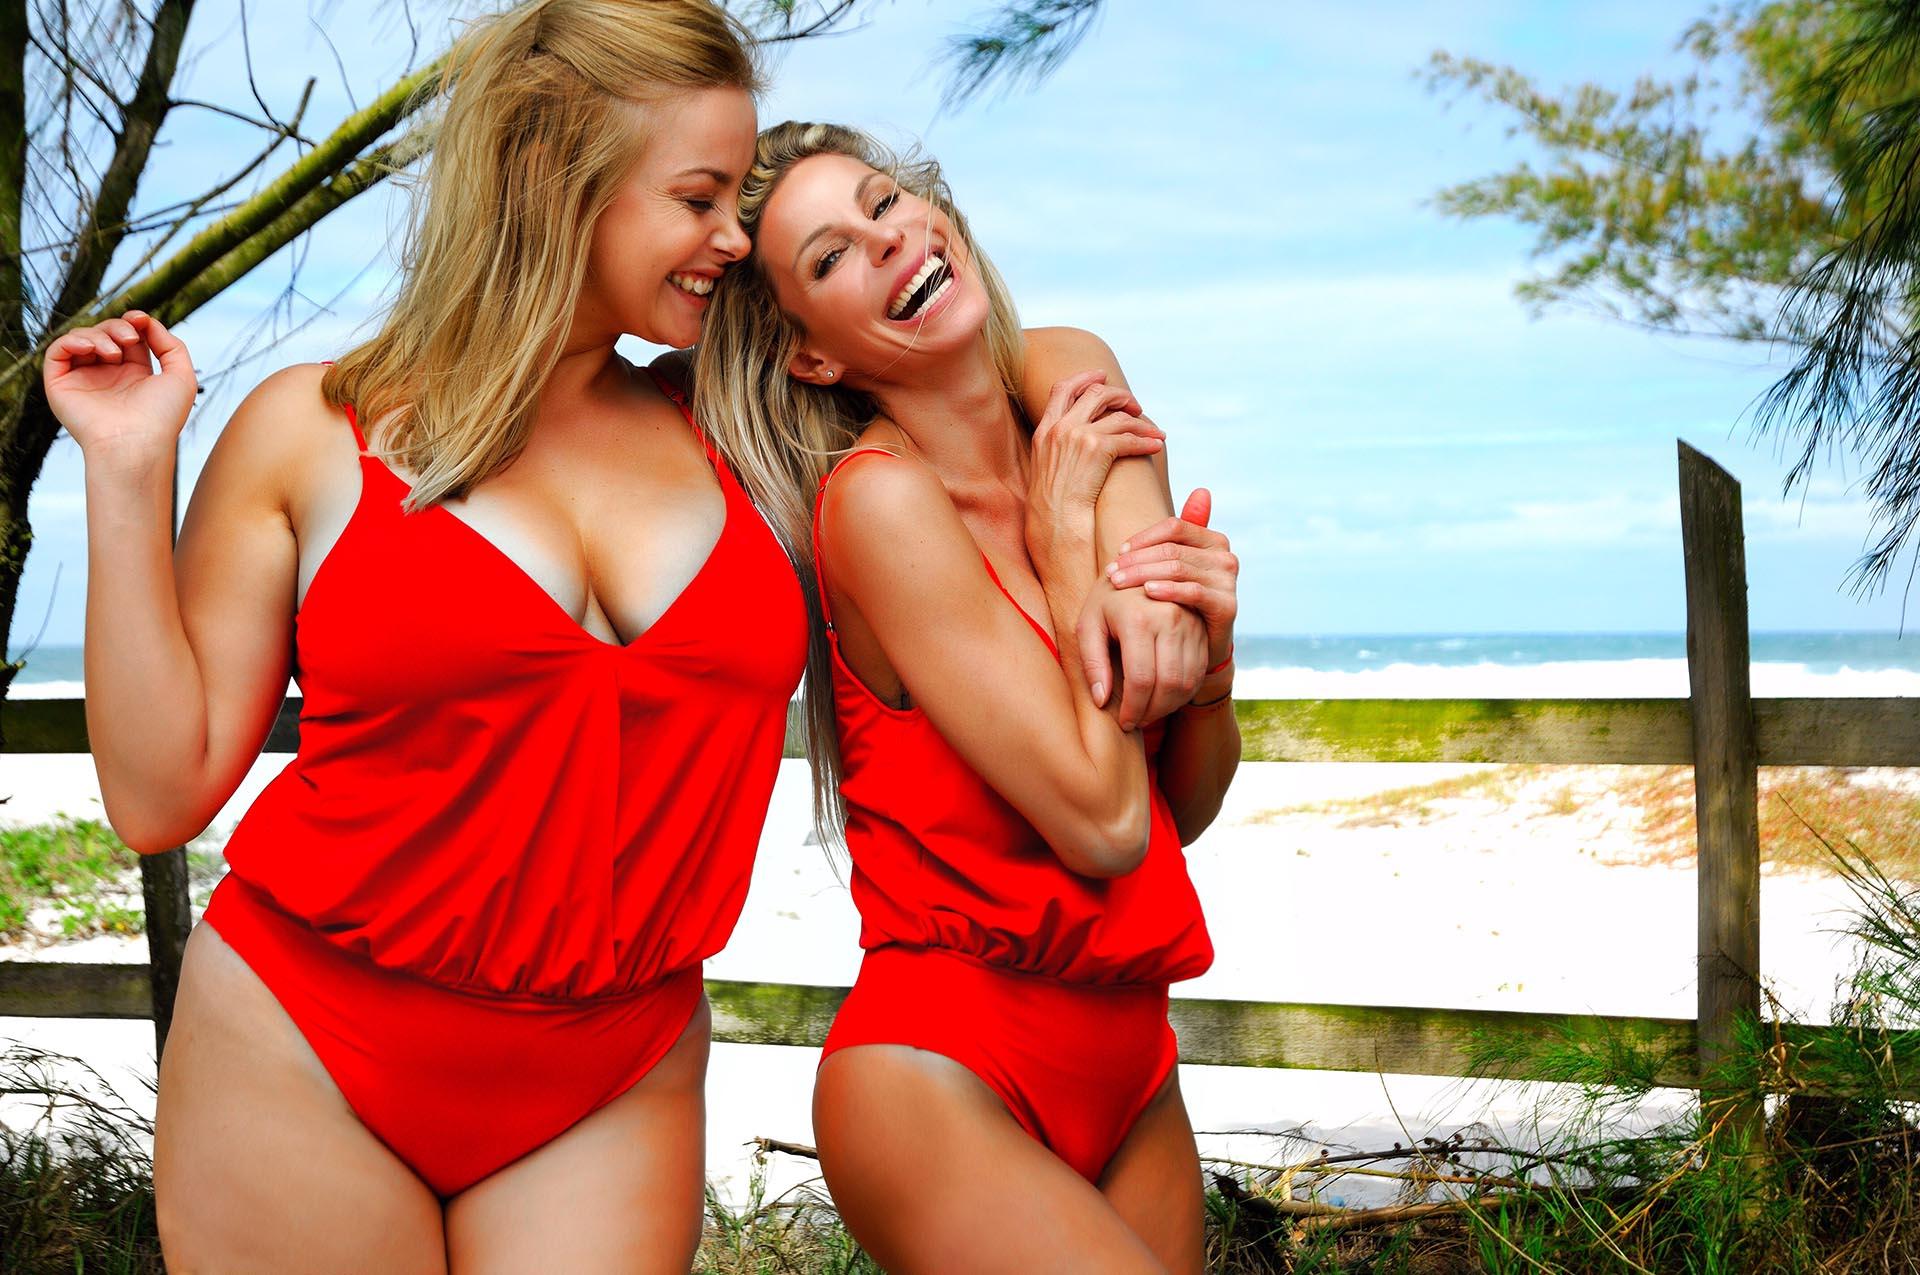 Jimena Cyrulnik y la modelo polaca Paulina Mielczarek volvieron a protagonizar una campaña para concientizar sobre los talles de los trajes de baño y los complejos que suele haber en el verano con los cuerpos (Foto: Xyrus)